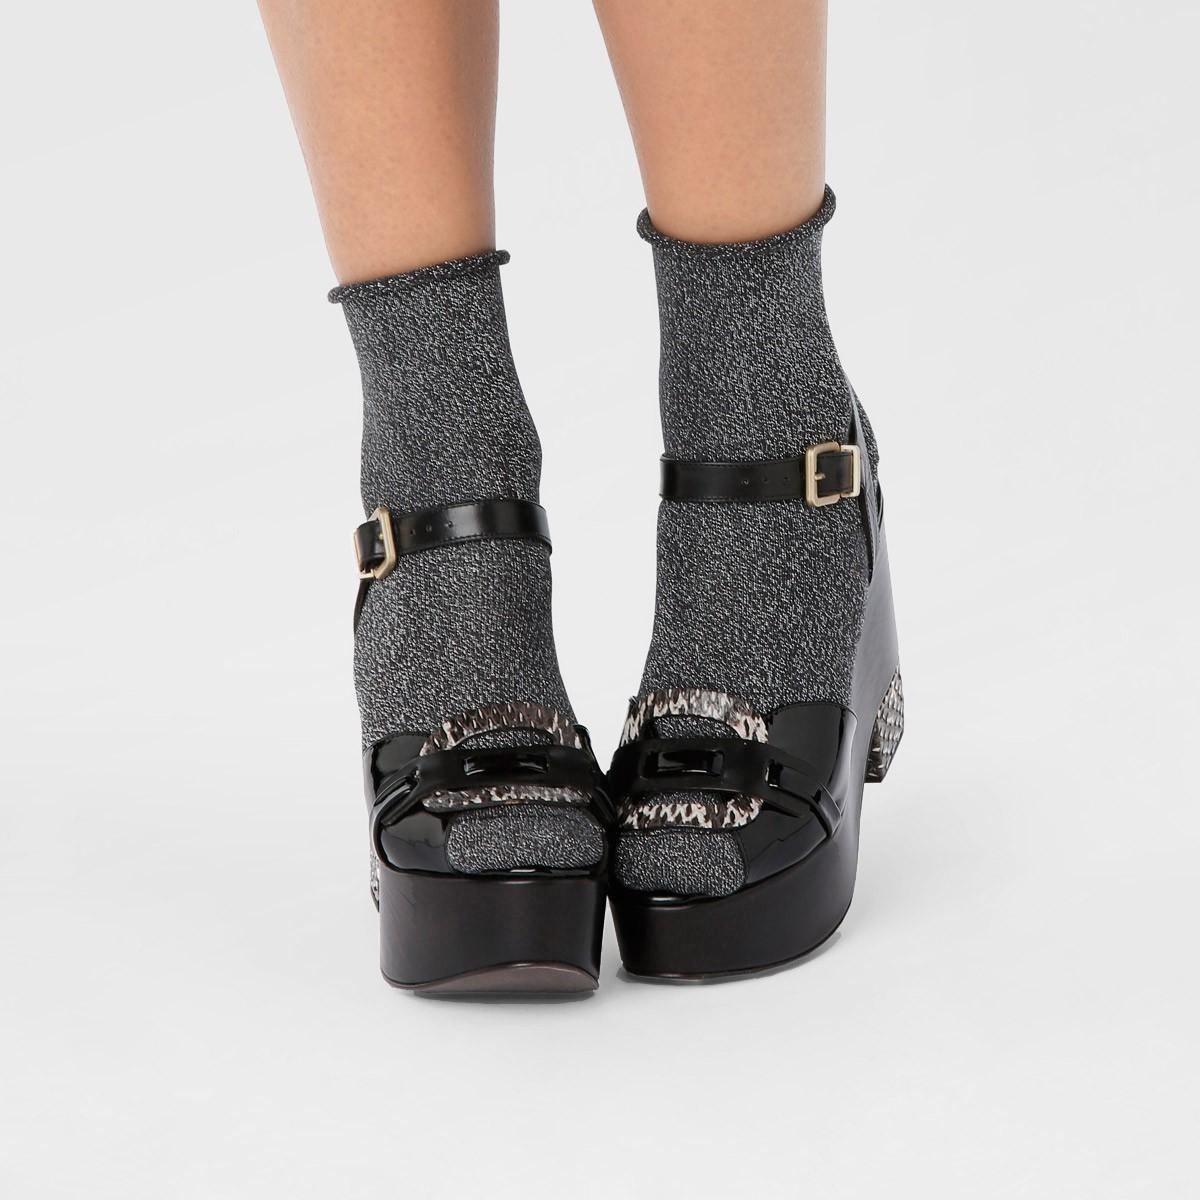 chaussettes-lurex-cleophee-noir-argent (1)